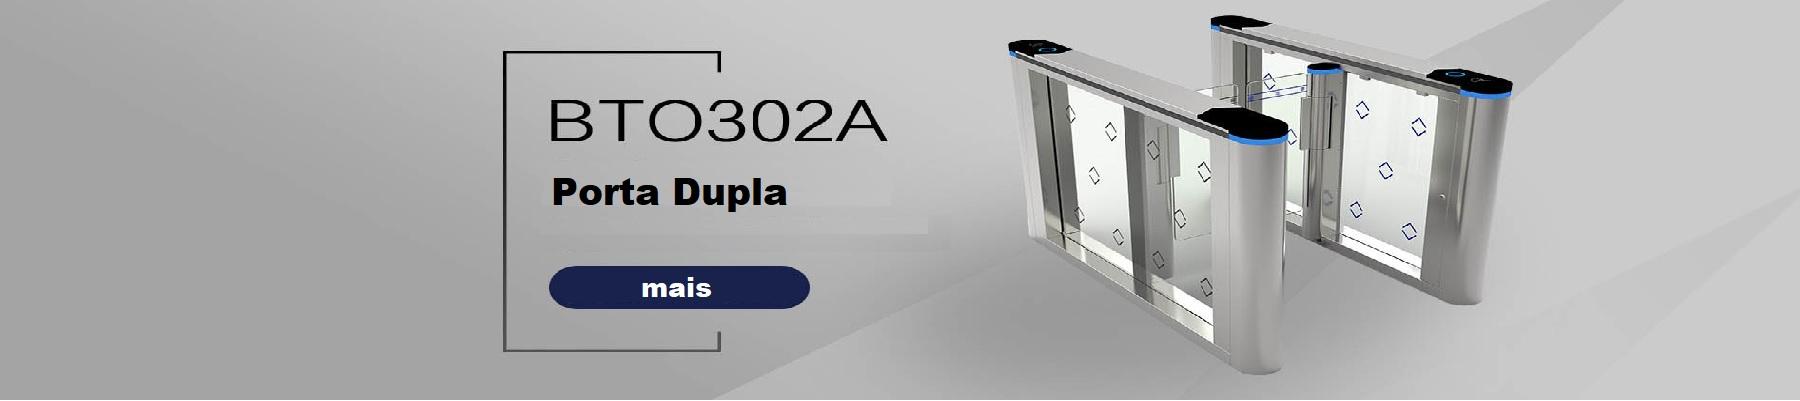 banner-torniquetes-2020-2